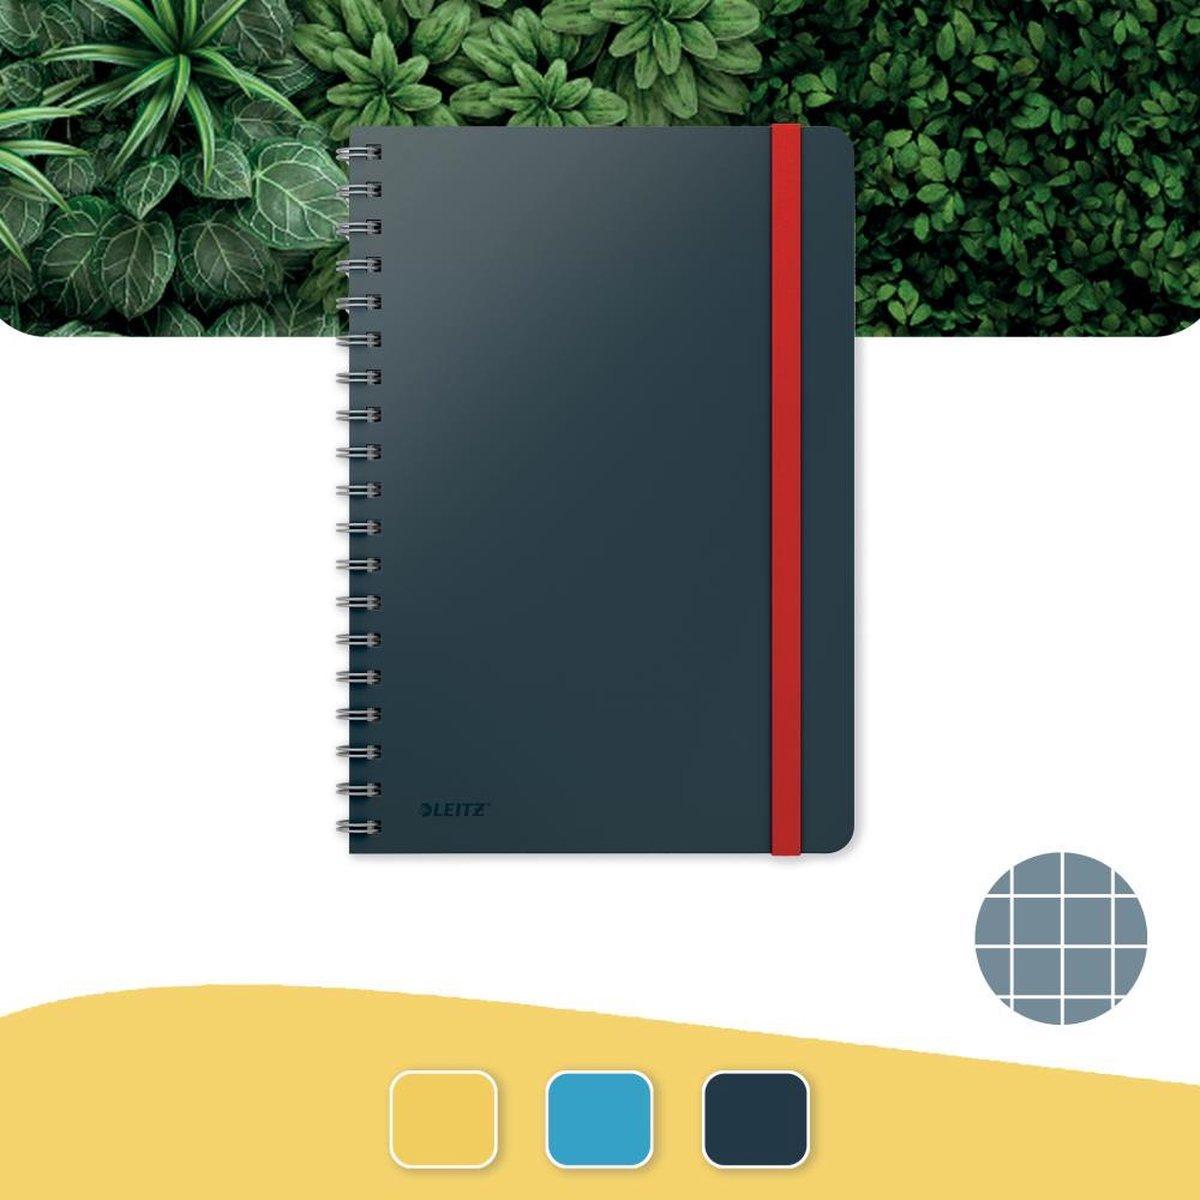 Leitz Cosy Notitieboek B5 Soft Touch Geruit - Notitieboek Hard Cover - Spiraalgebonden - Voor Kantoor En Thuiswerken - Fluweel Grijs - Ideaal Voor Thuiskantoor